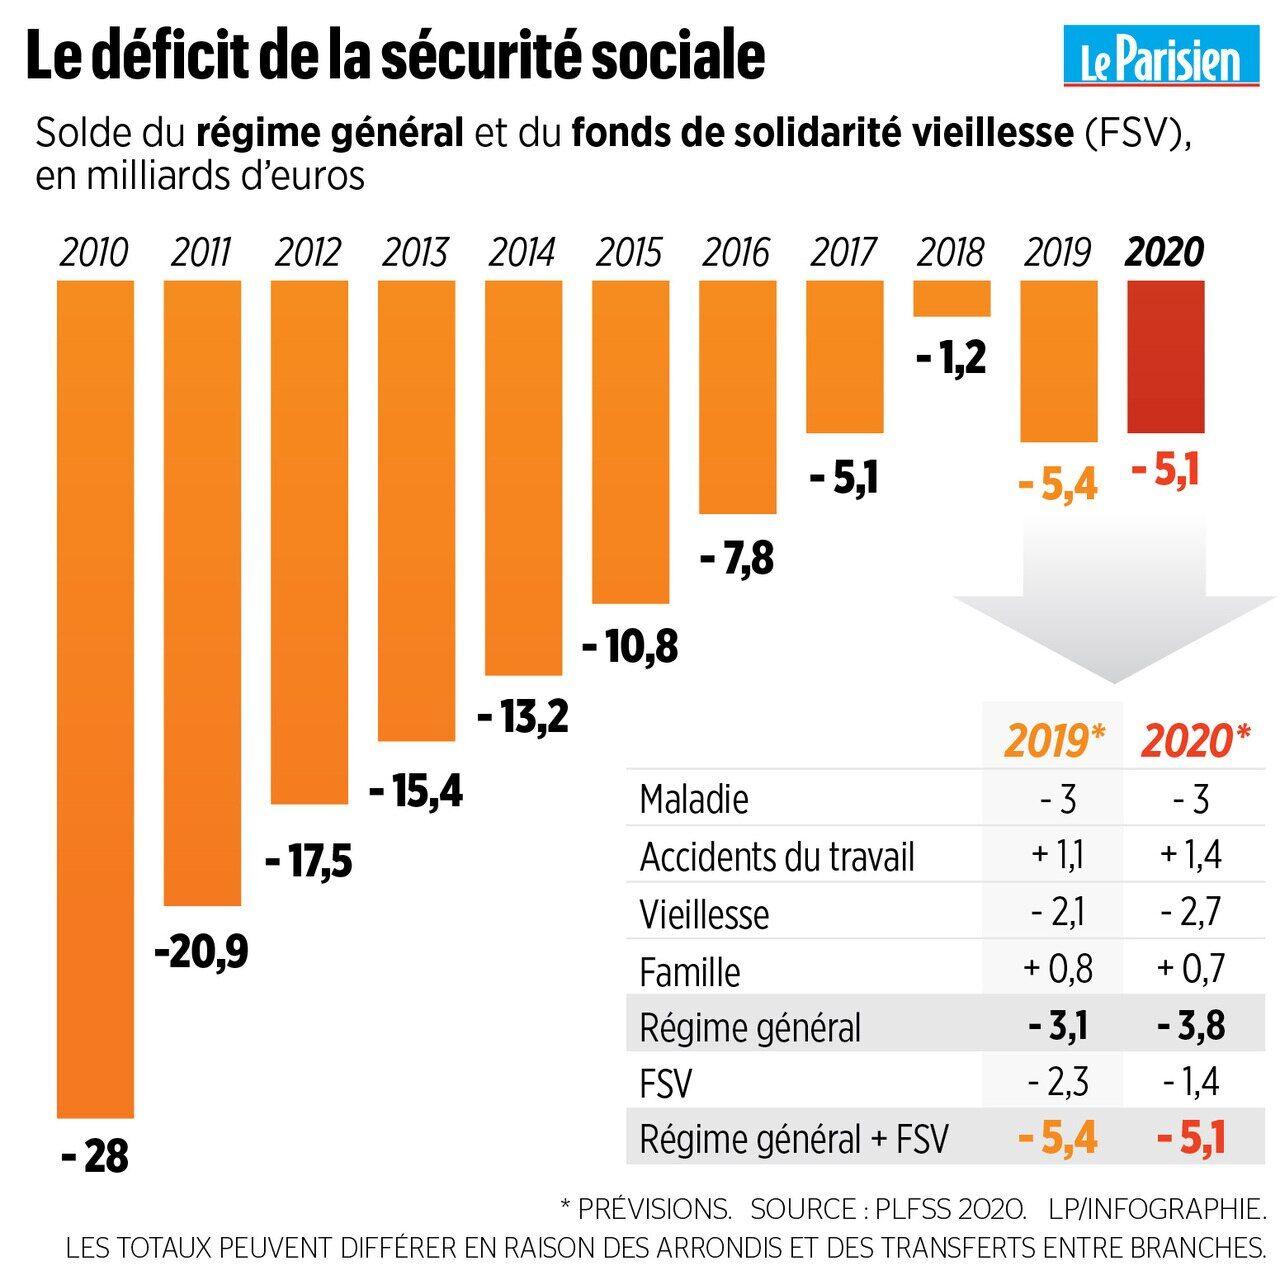 Calendrier Paiement Pension Invalidite 2020 Cpam.Budget 2020 De La Secu Tout Ce Qui Change Pour Vous Le